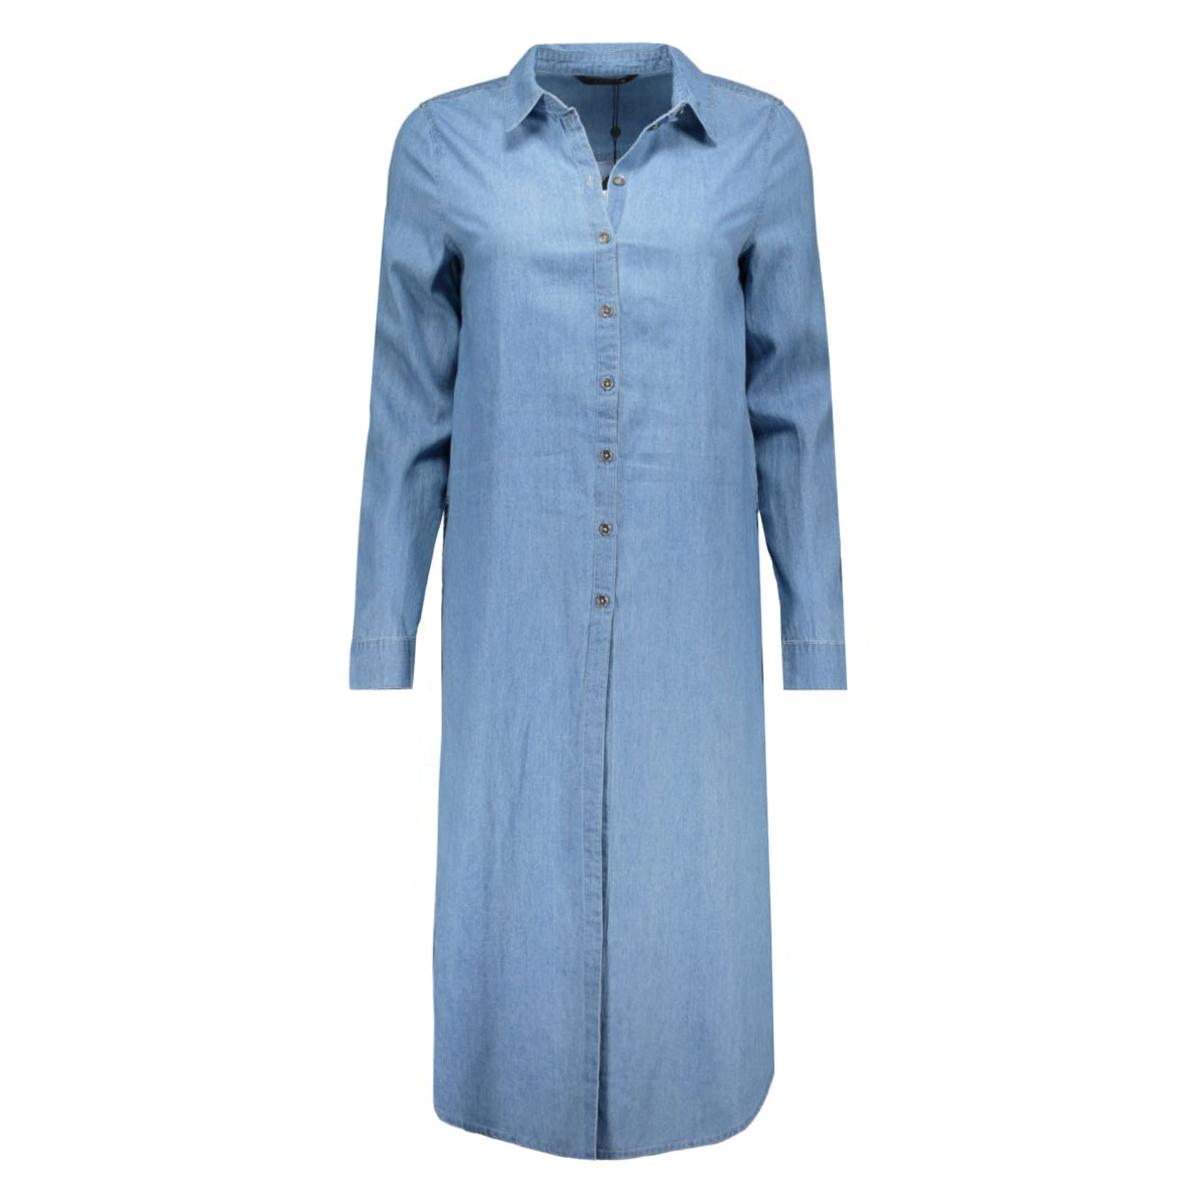 onlnova mid blue cb long shirt wvn 15121639 only blouse medium blue denim